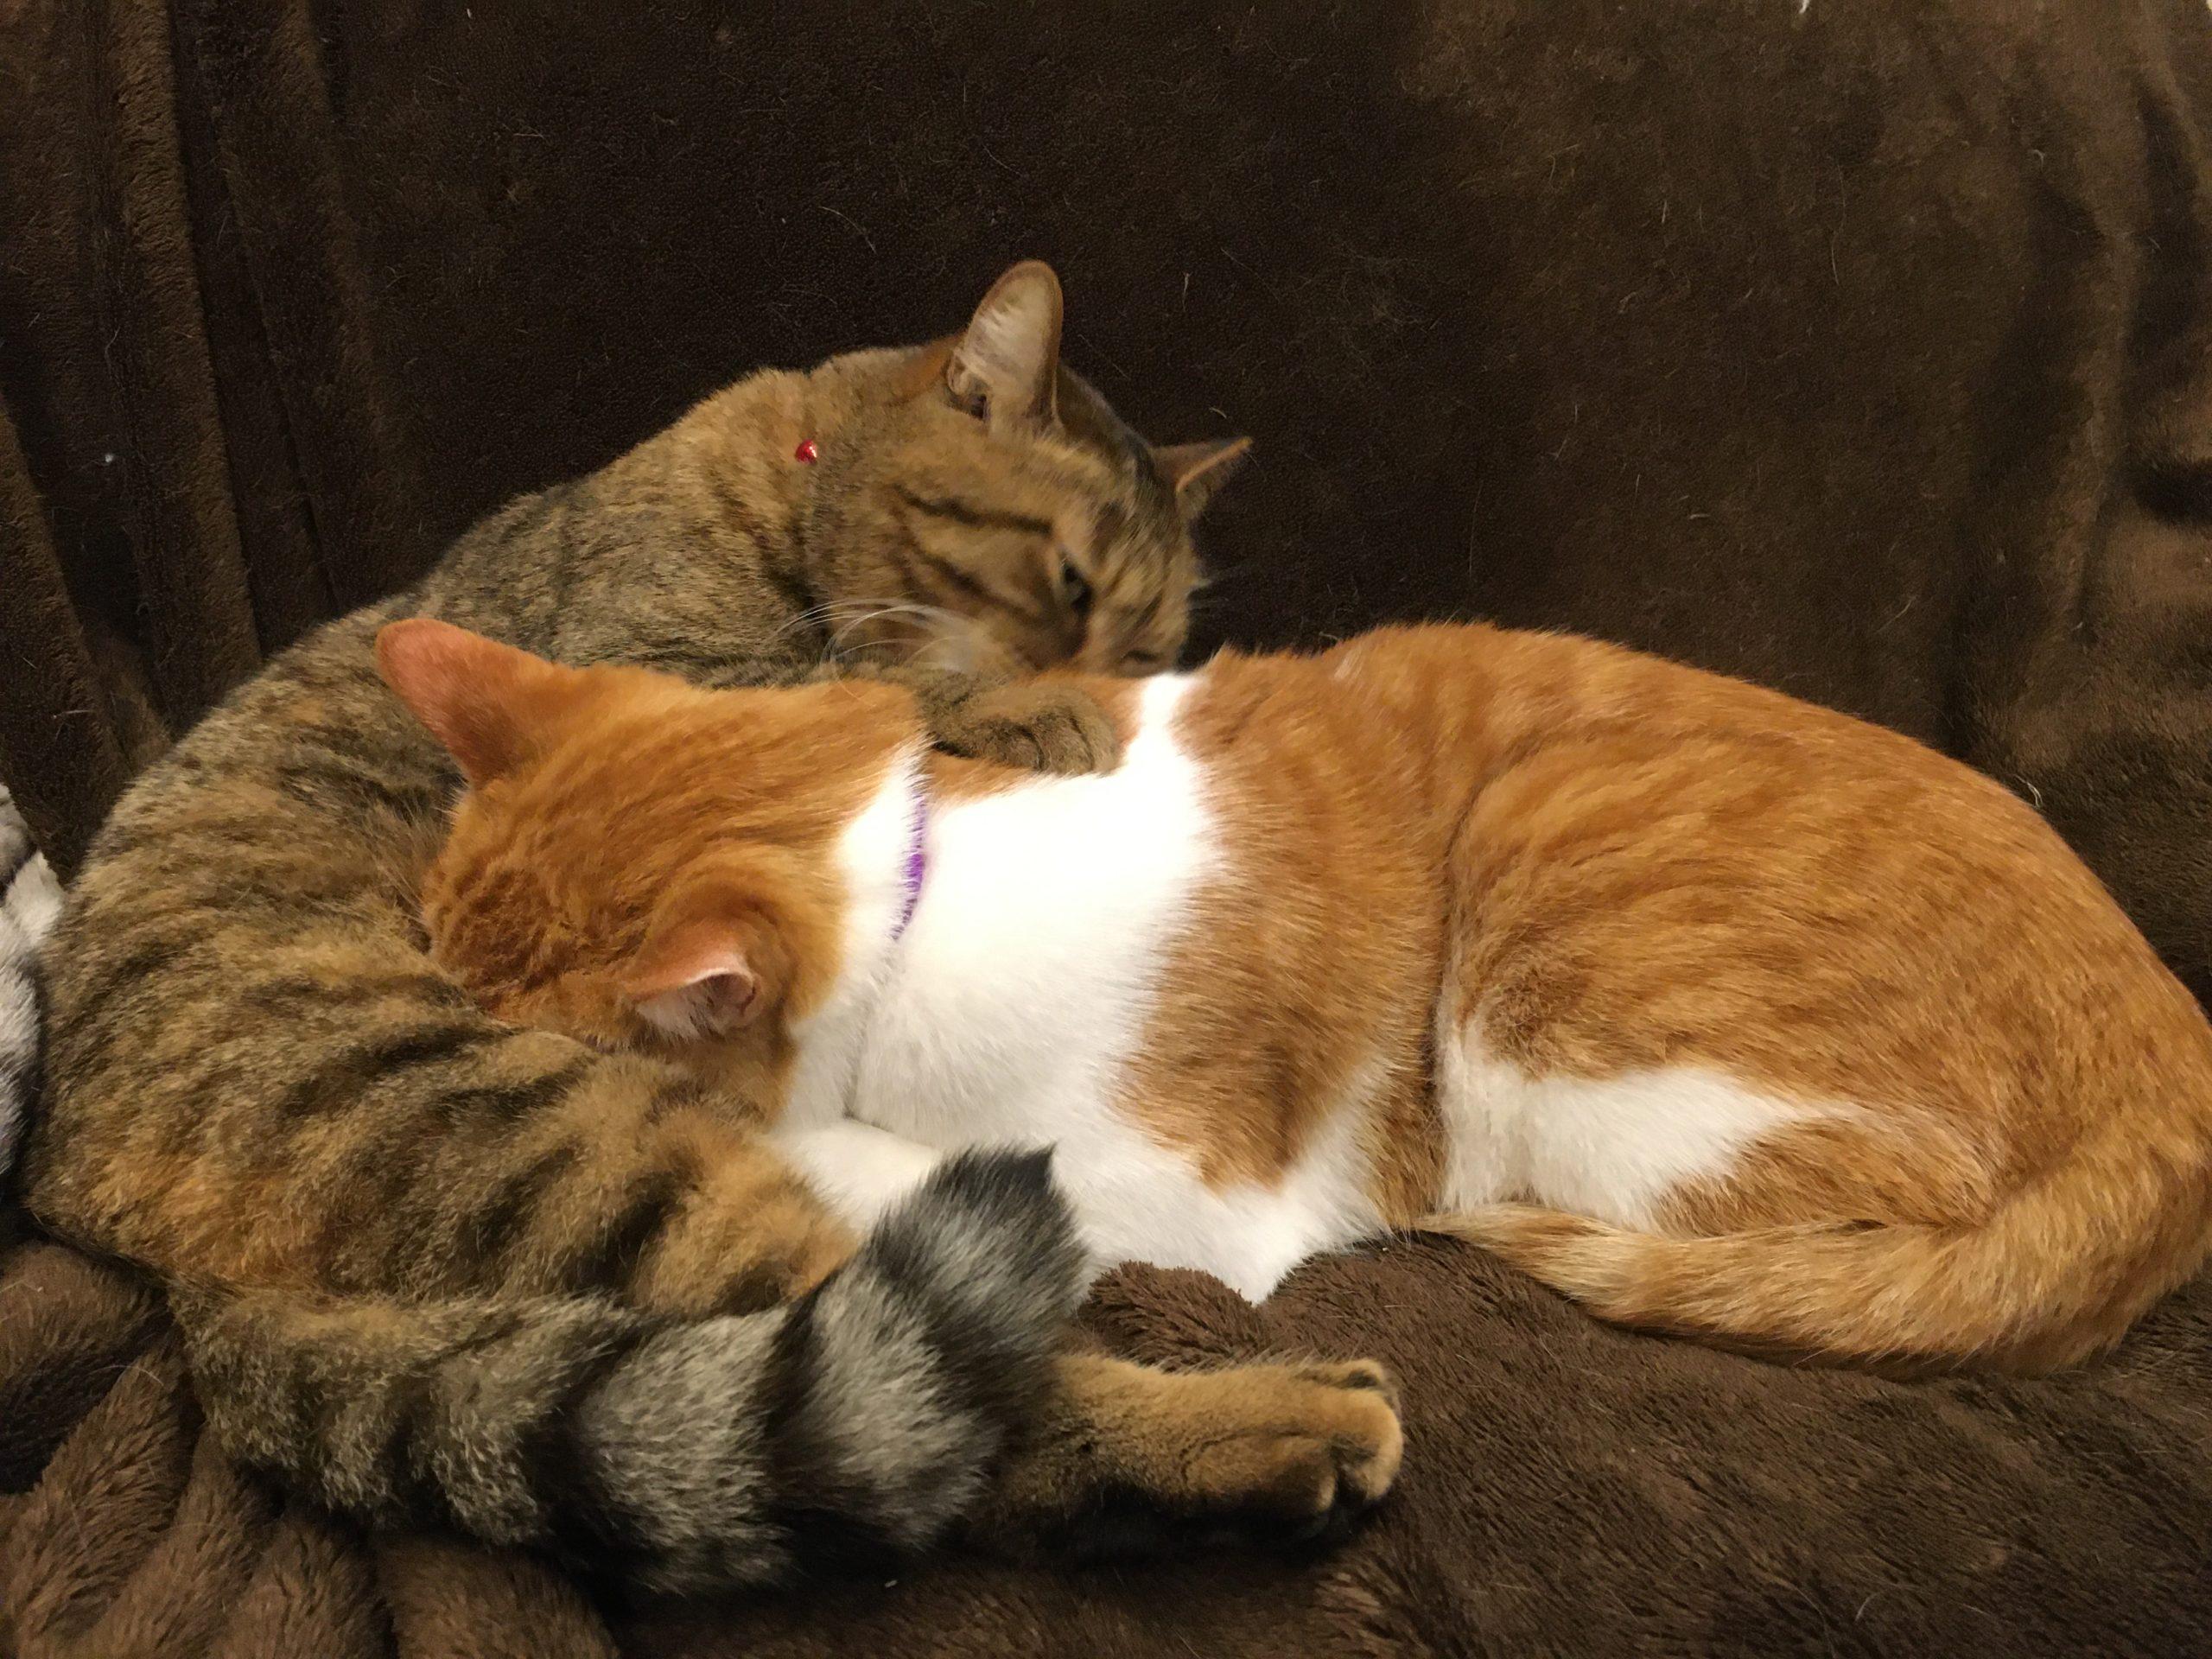 母猫のように暖かく柔らかいものに触れた時にモミモミする